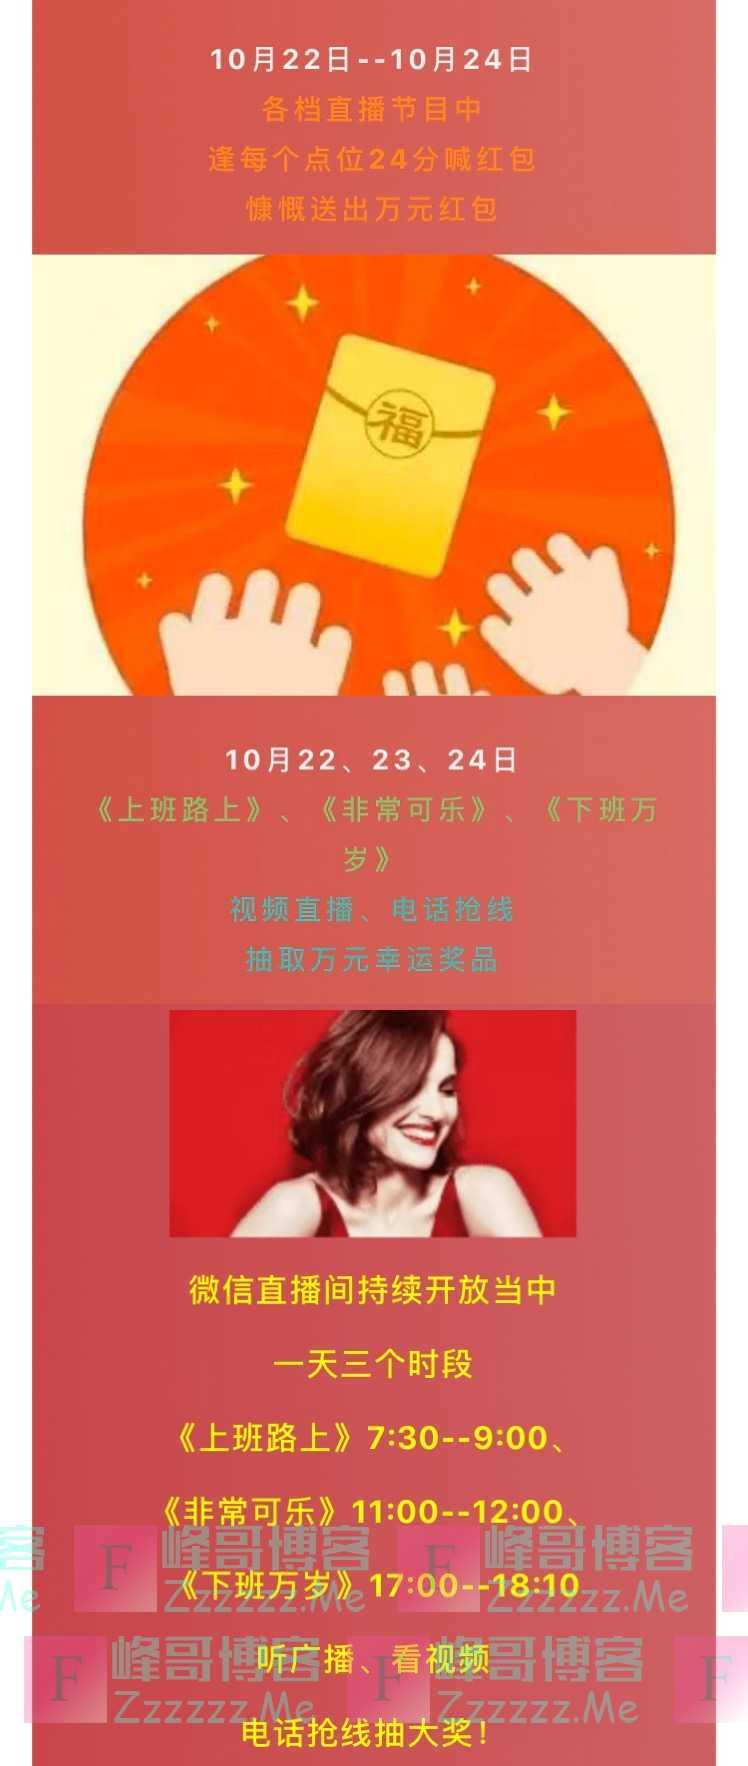 赤峰农村牧区广播喊红包,抽大奖!(10月24日截止)